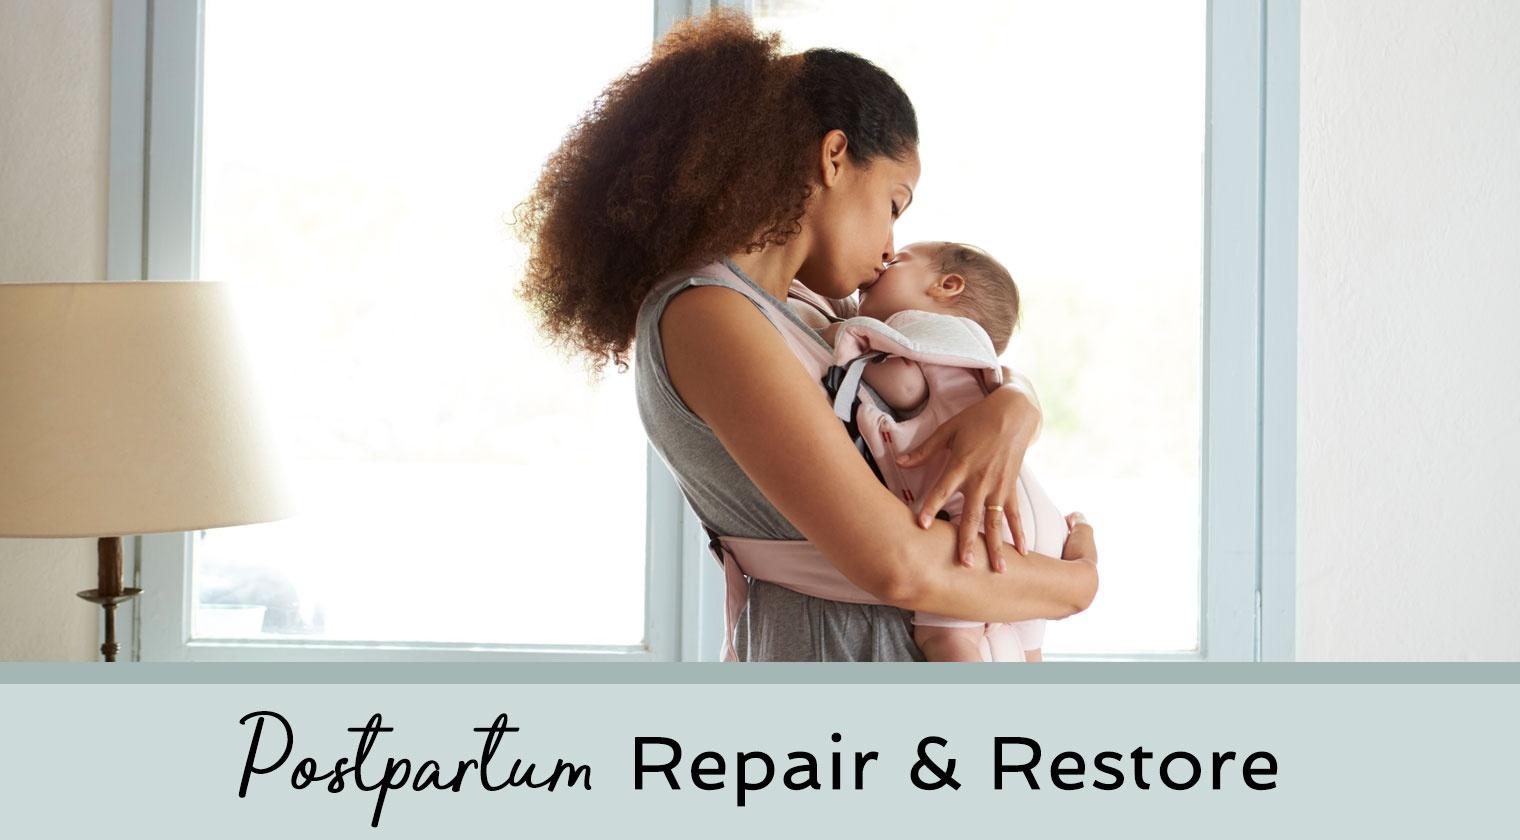 Postpartum Repair & Restore 8-Week Program